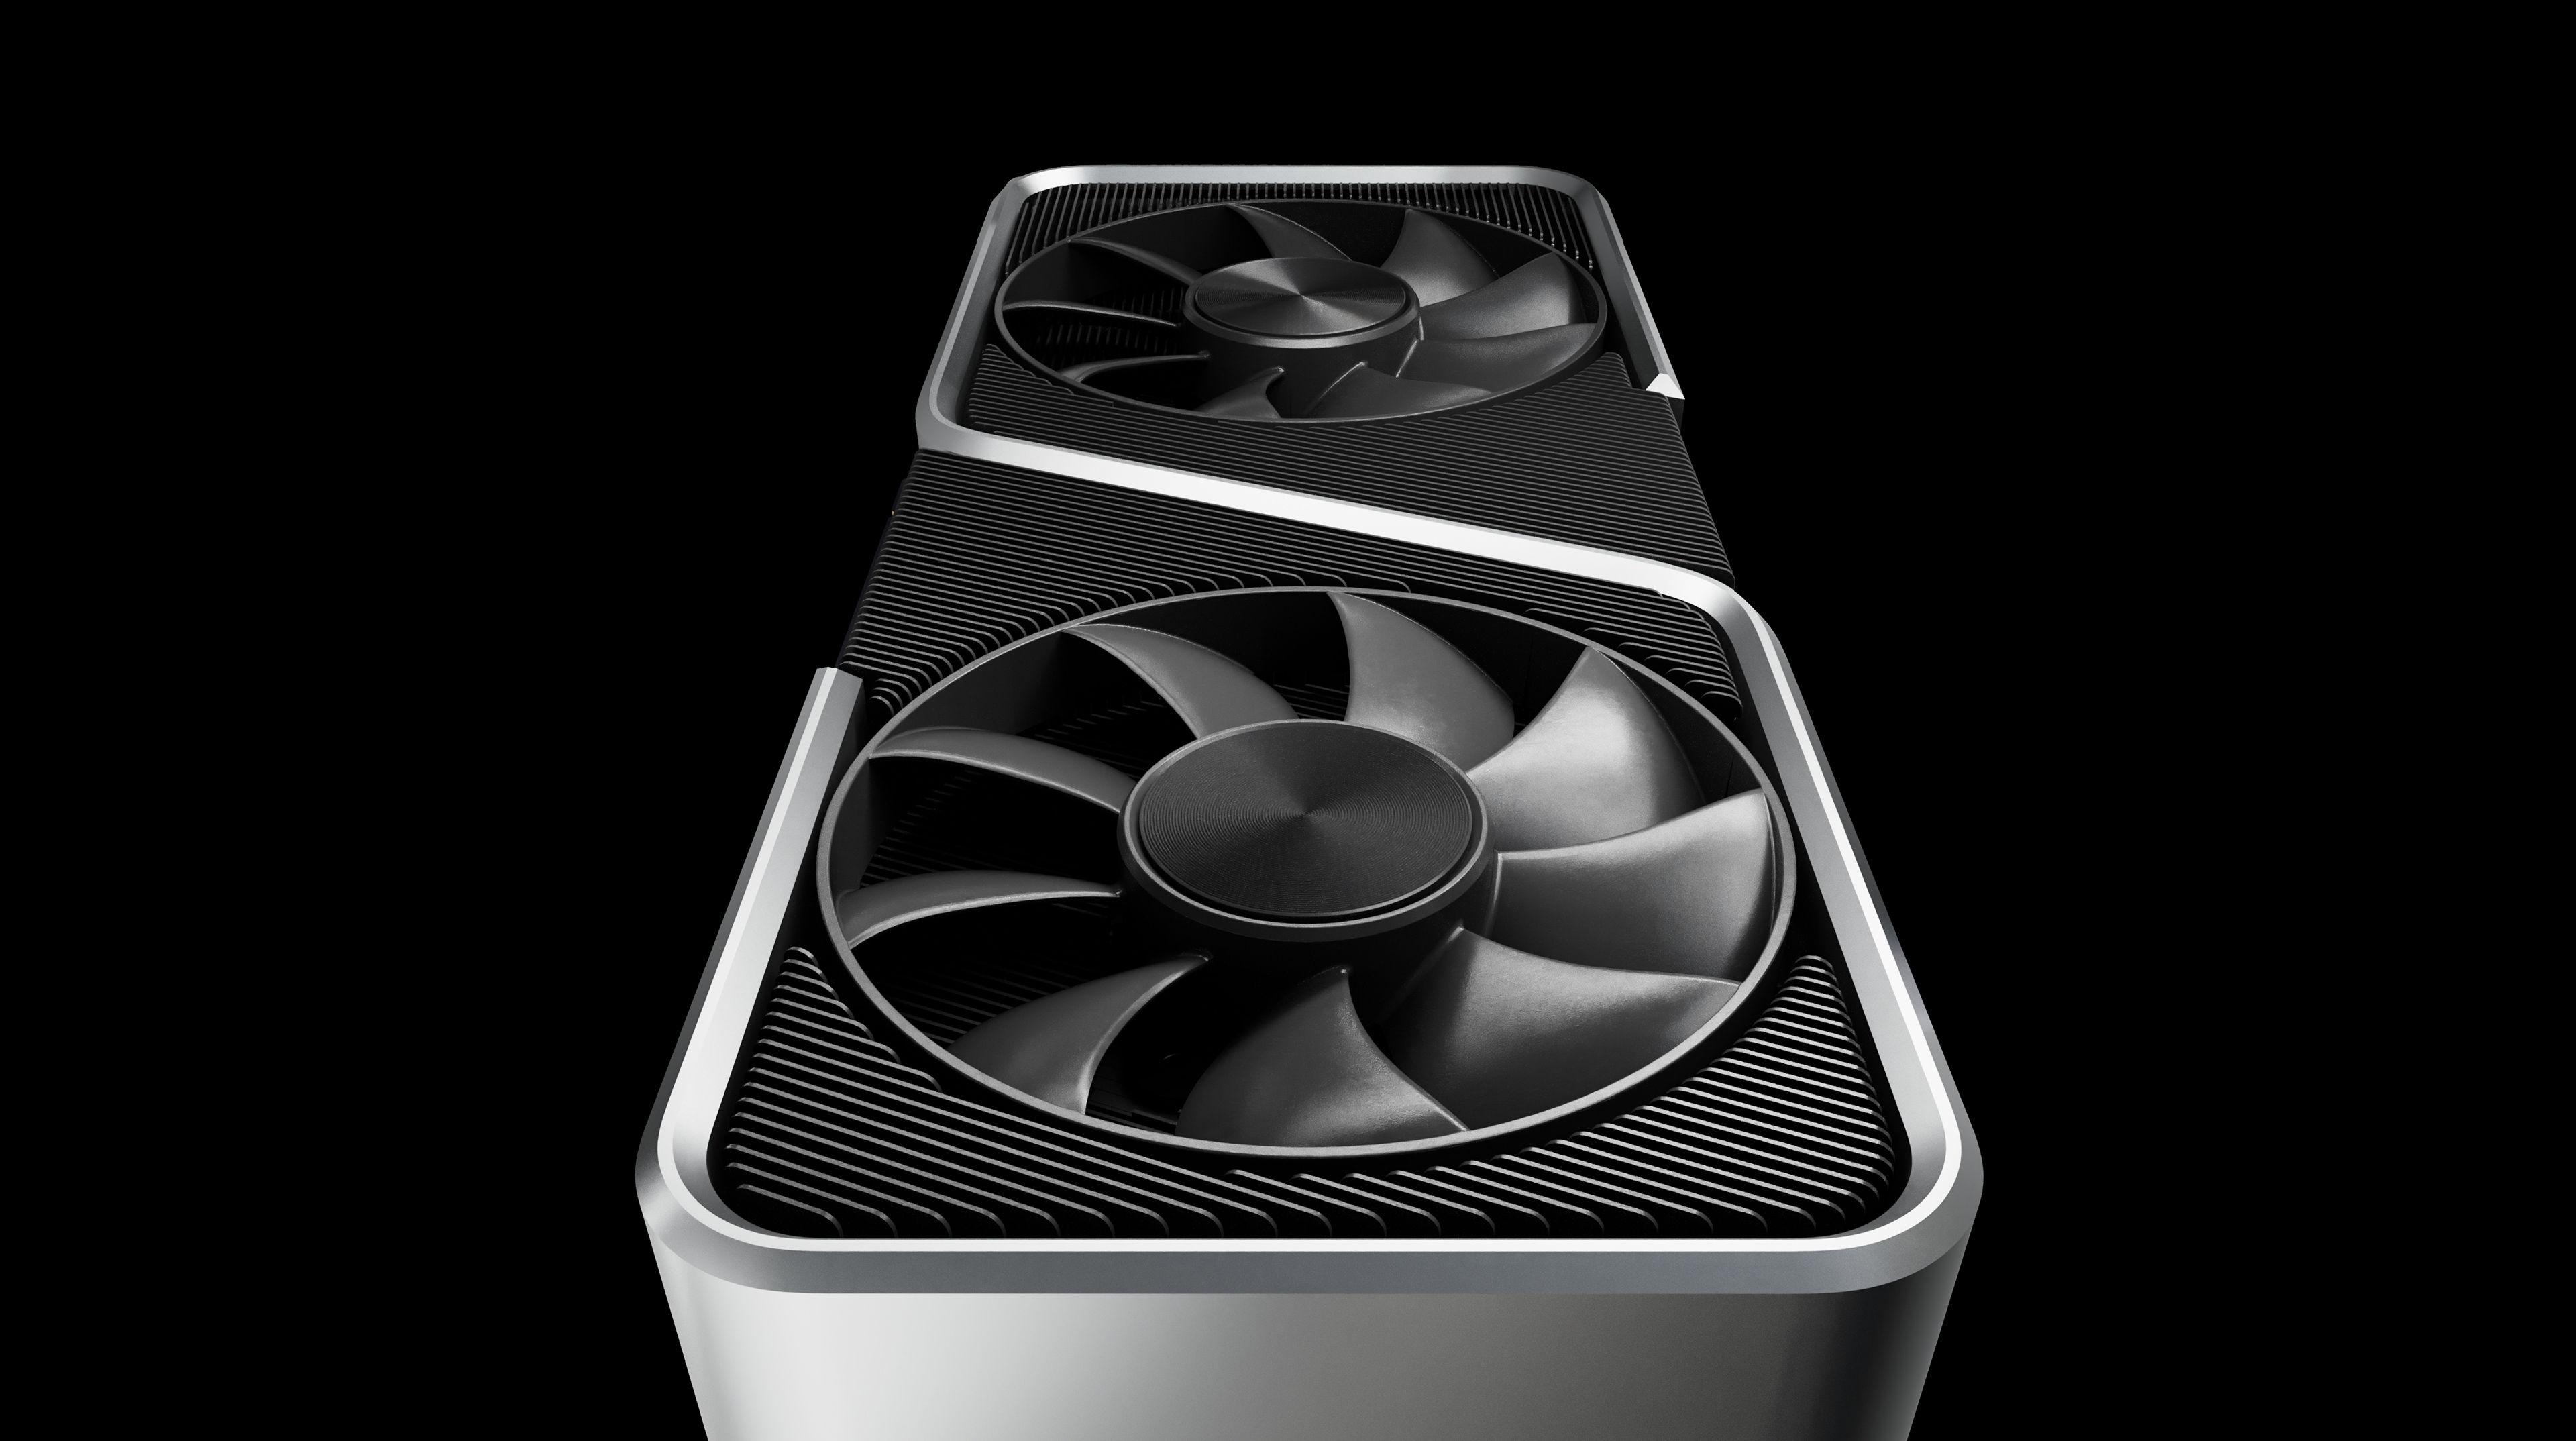 GeForce RTX 3060 Ti image